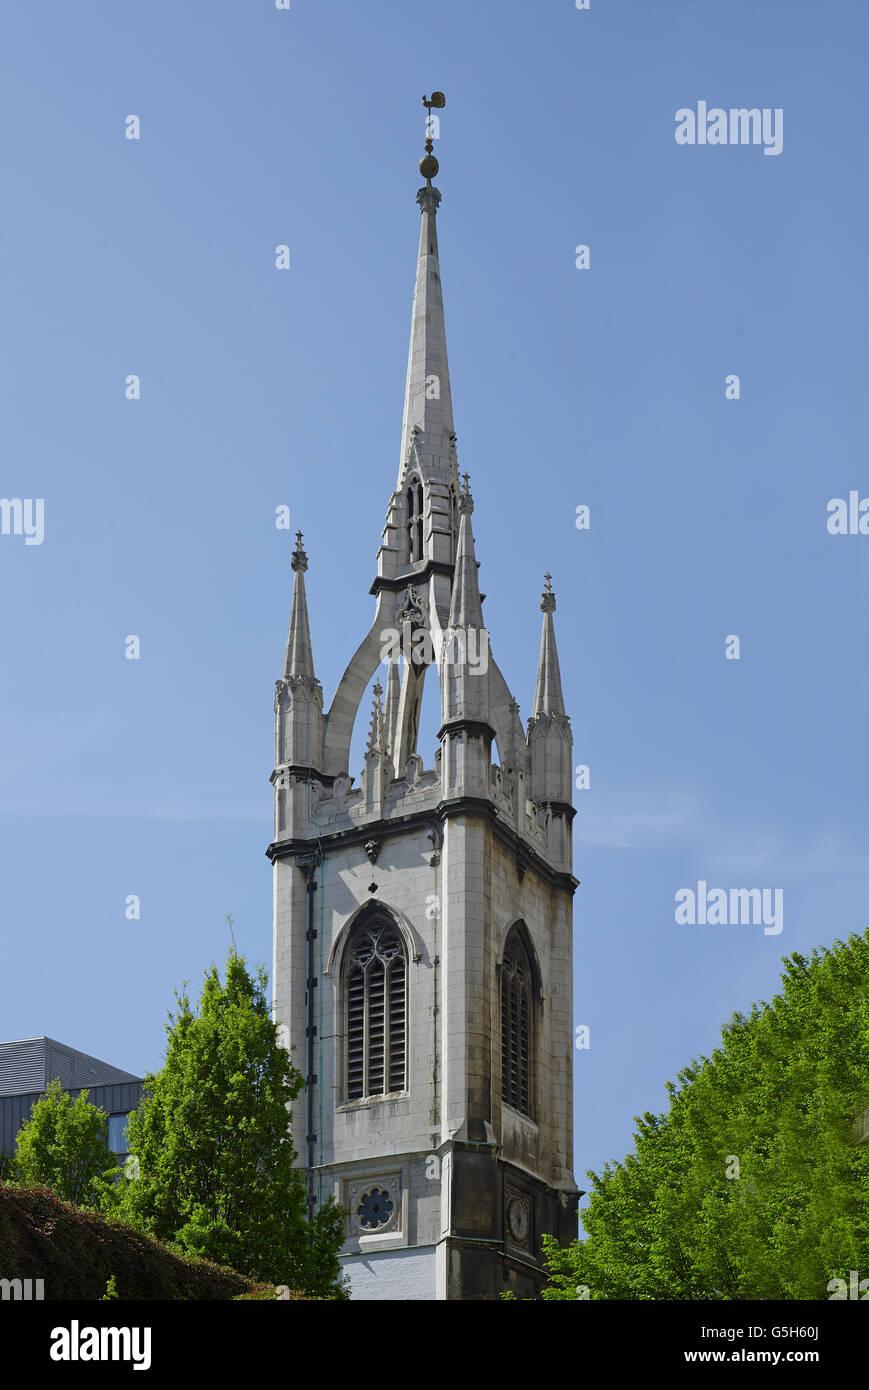 St Dunstan dans l'Est, de l'Église dans la ville de Londres. La flèche de l'aiguille avec Photo Stock